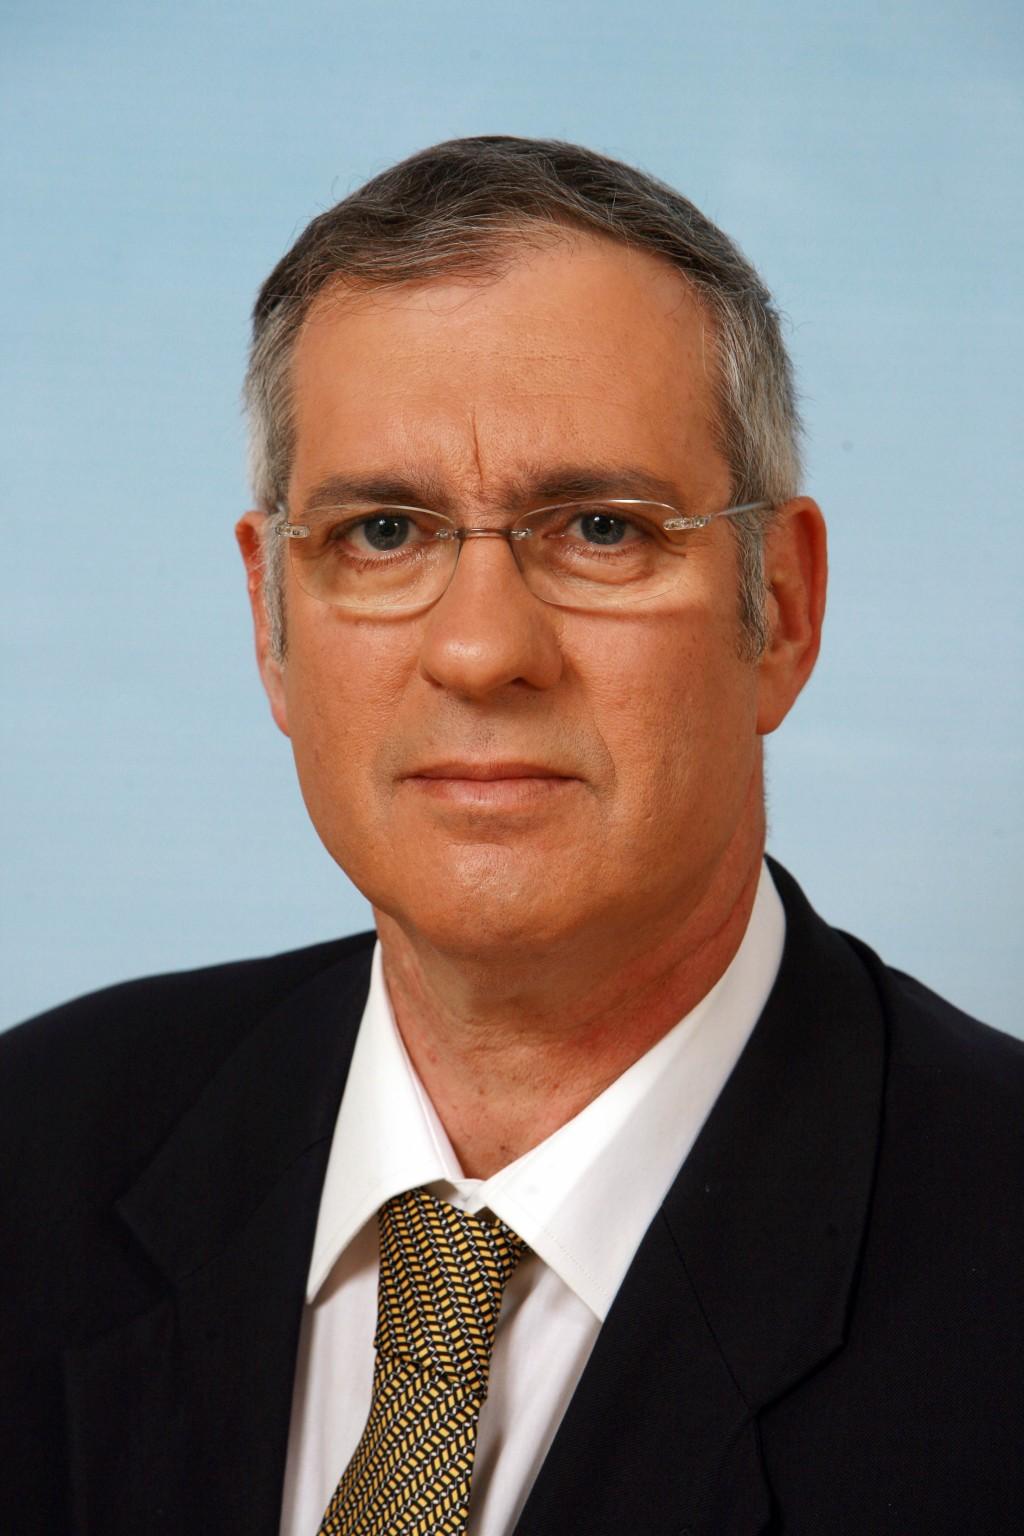 משה נסטלבאום, מנהל חטיבת החדשות בפועל בזמן הסערה (צילום: דוברות רשות השידור)